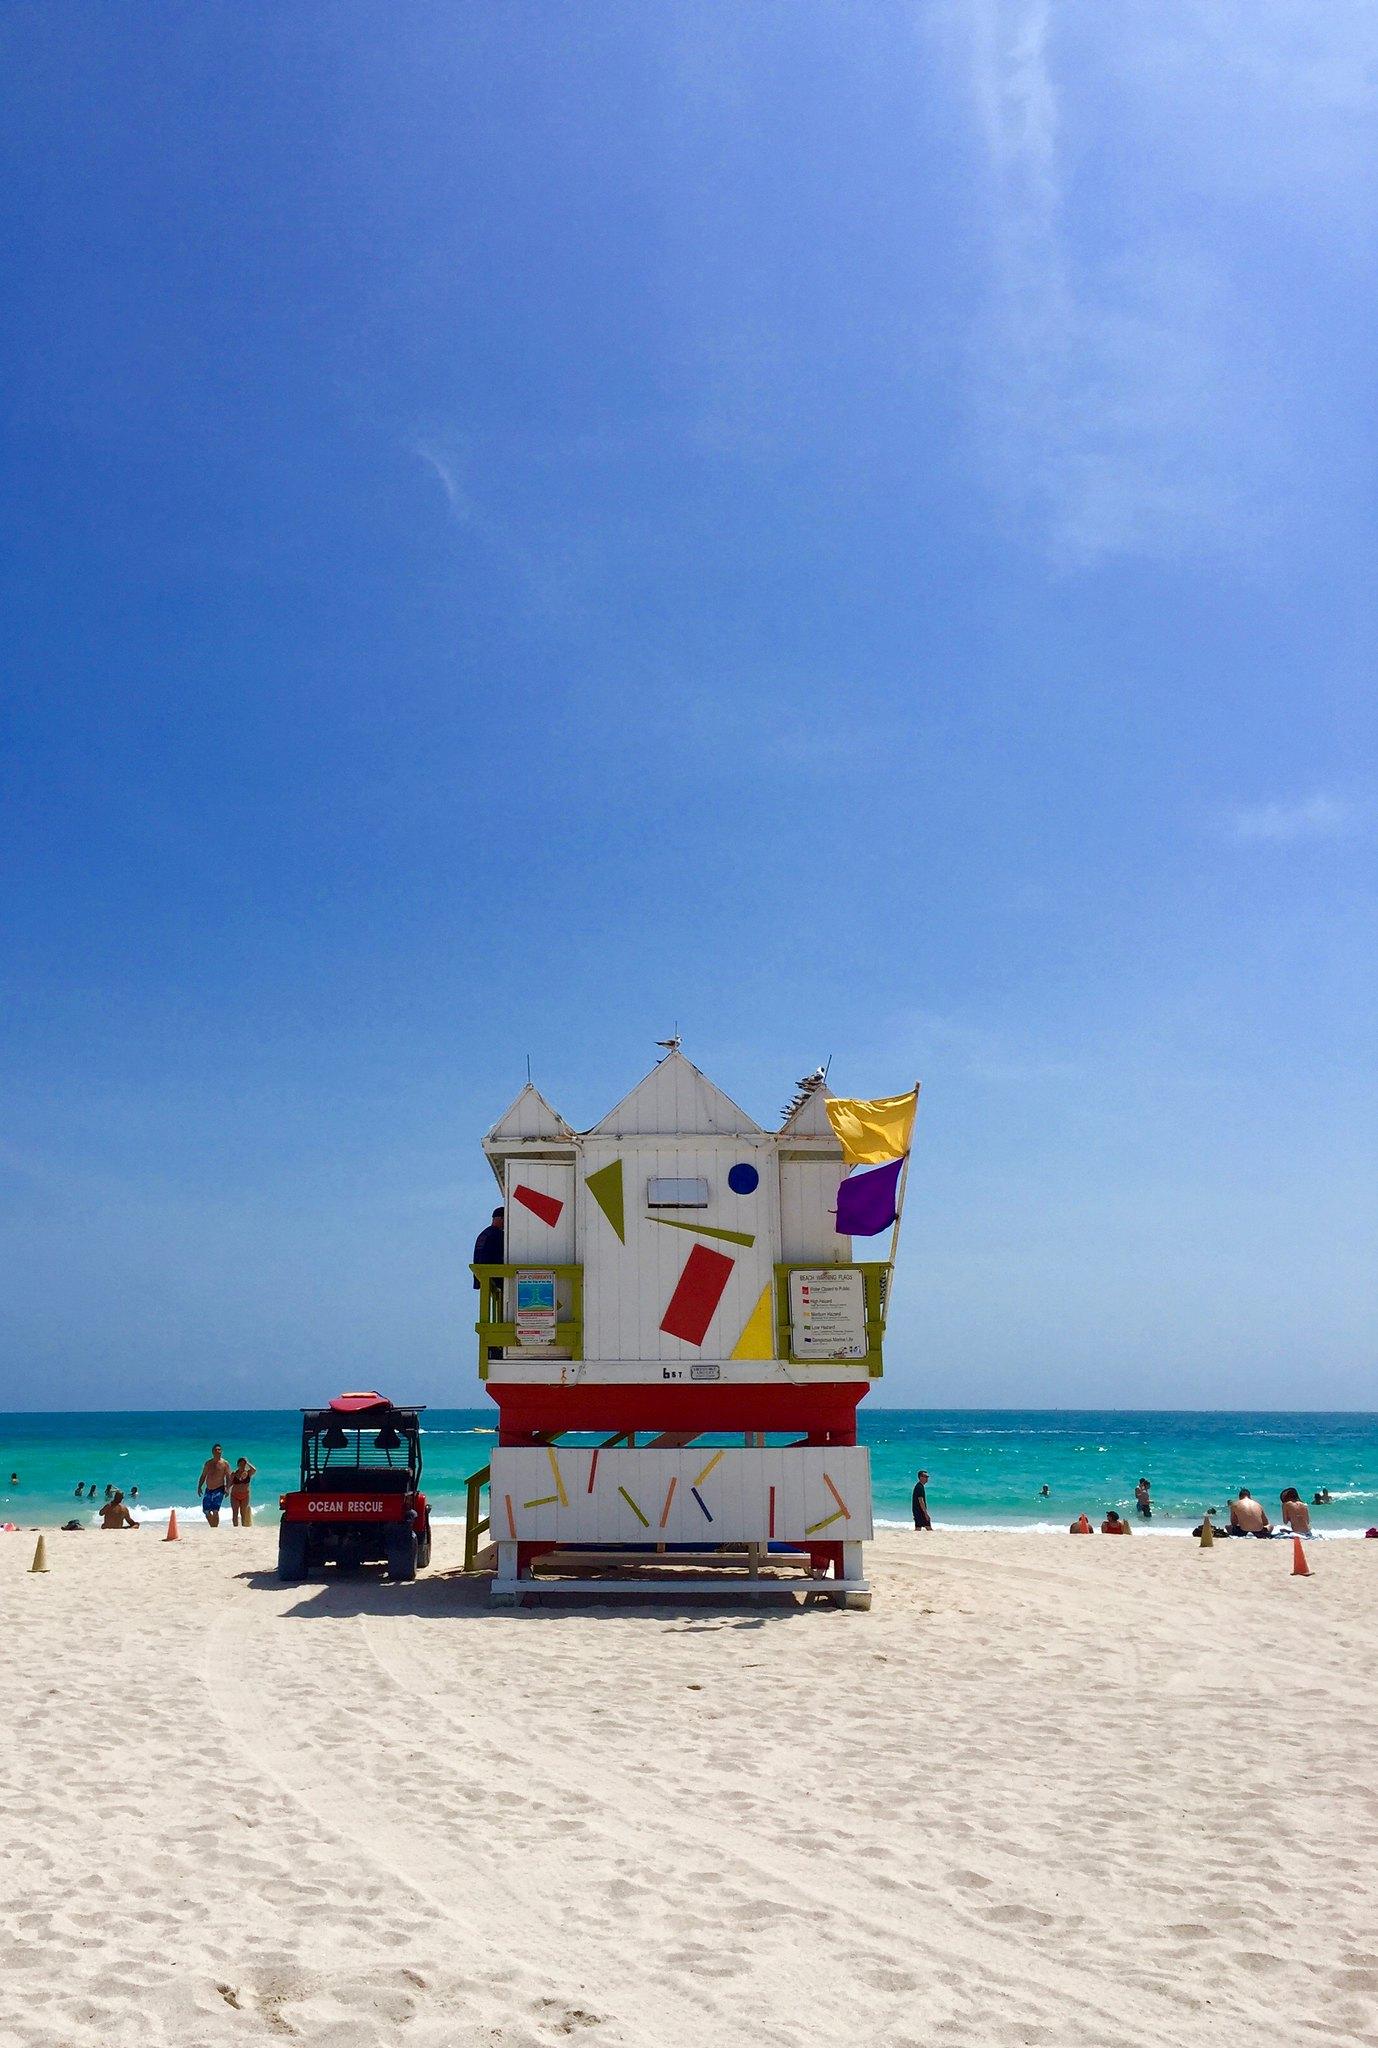 Miami Florida 25th 2